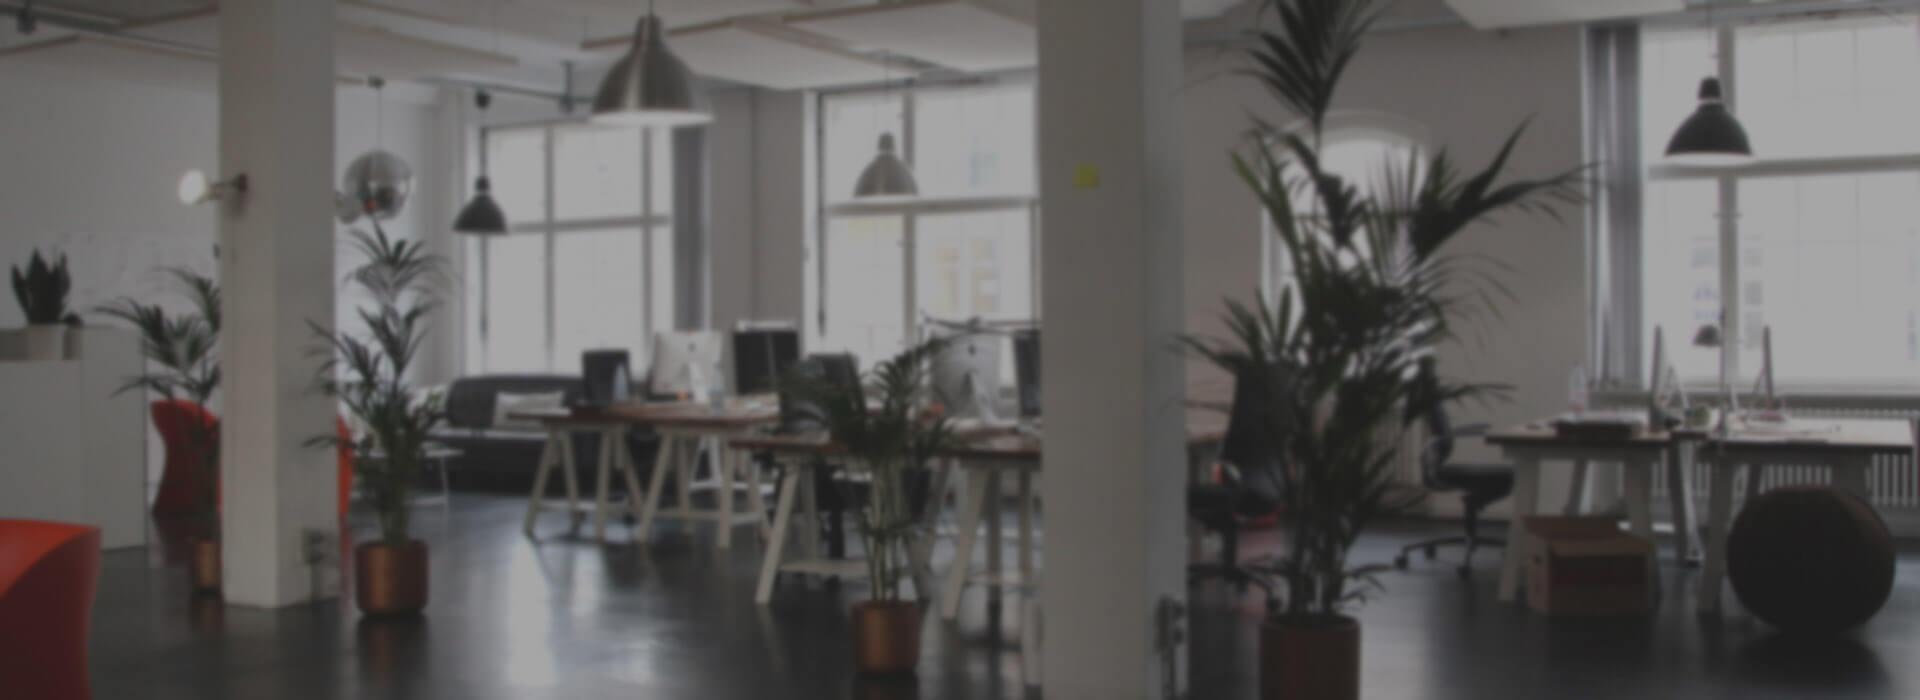 Mantenimiento y limpieza de oficinas madrid limpiezas lm2 for Empresas de limpieza de oficinas en madrid